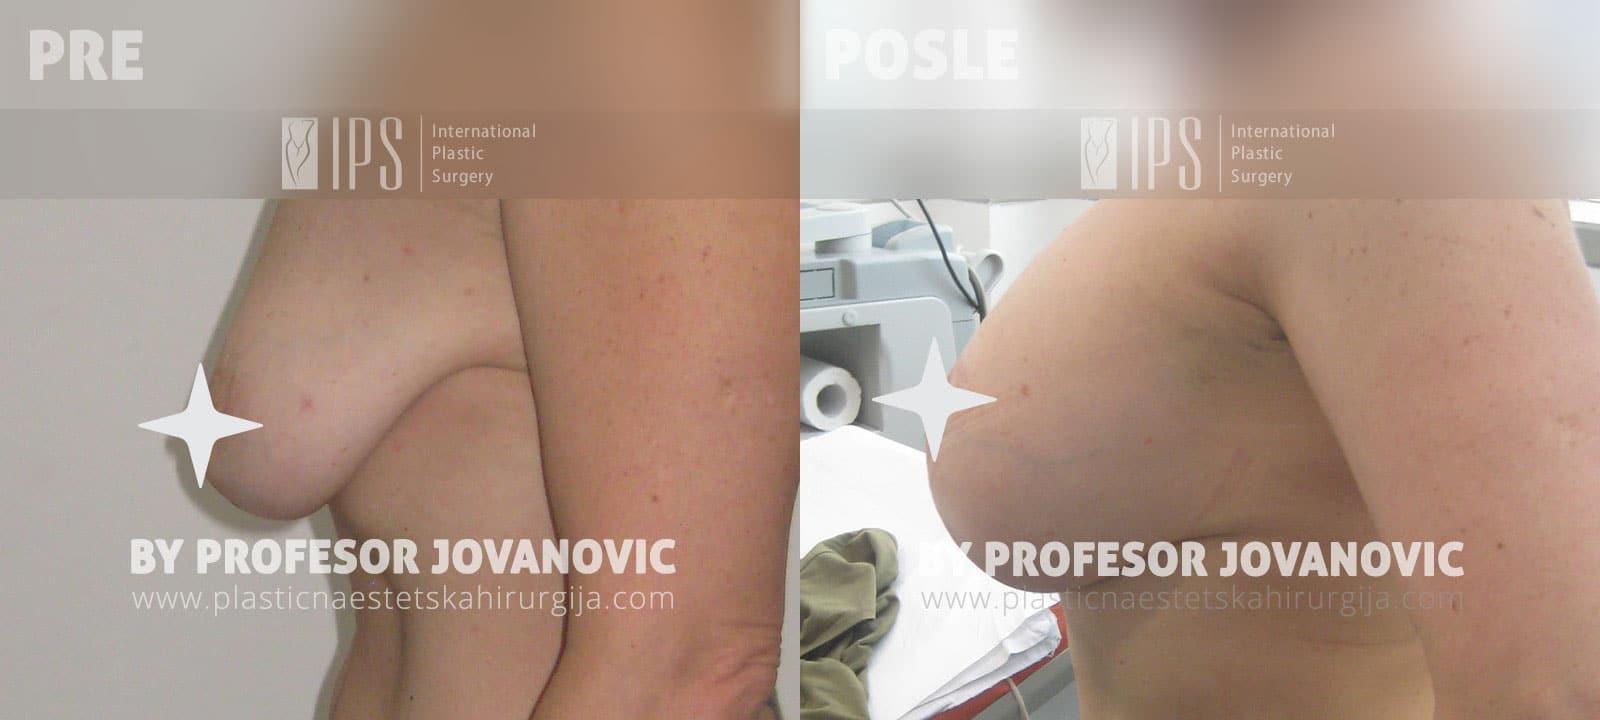 Podizanje grudi sa ožiljkom i povećanje grudi - pre i posle, levi bok